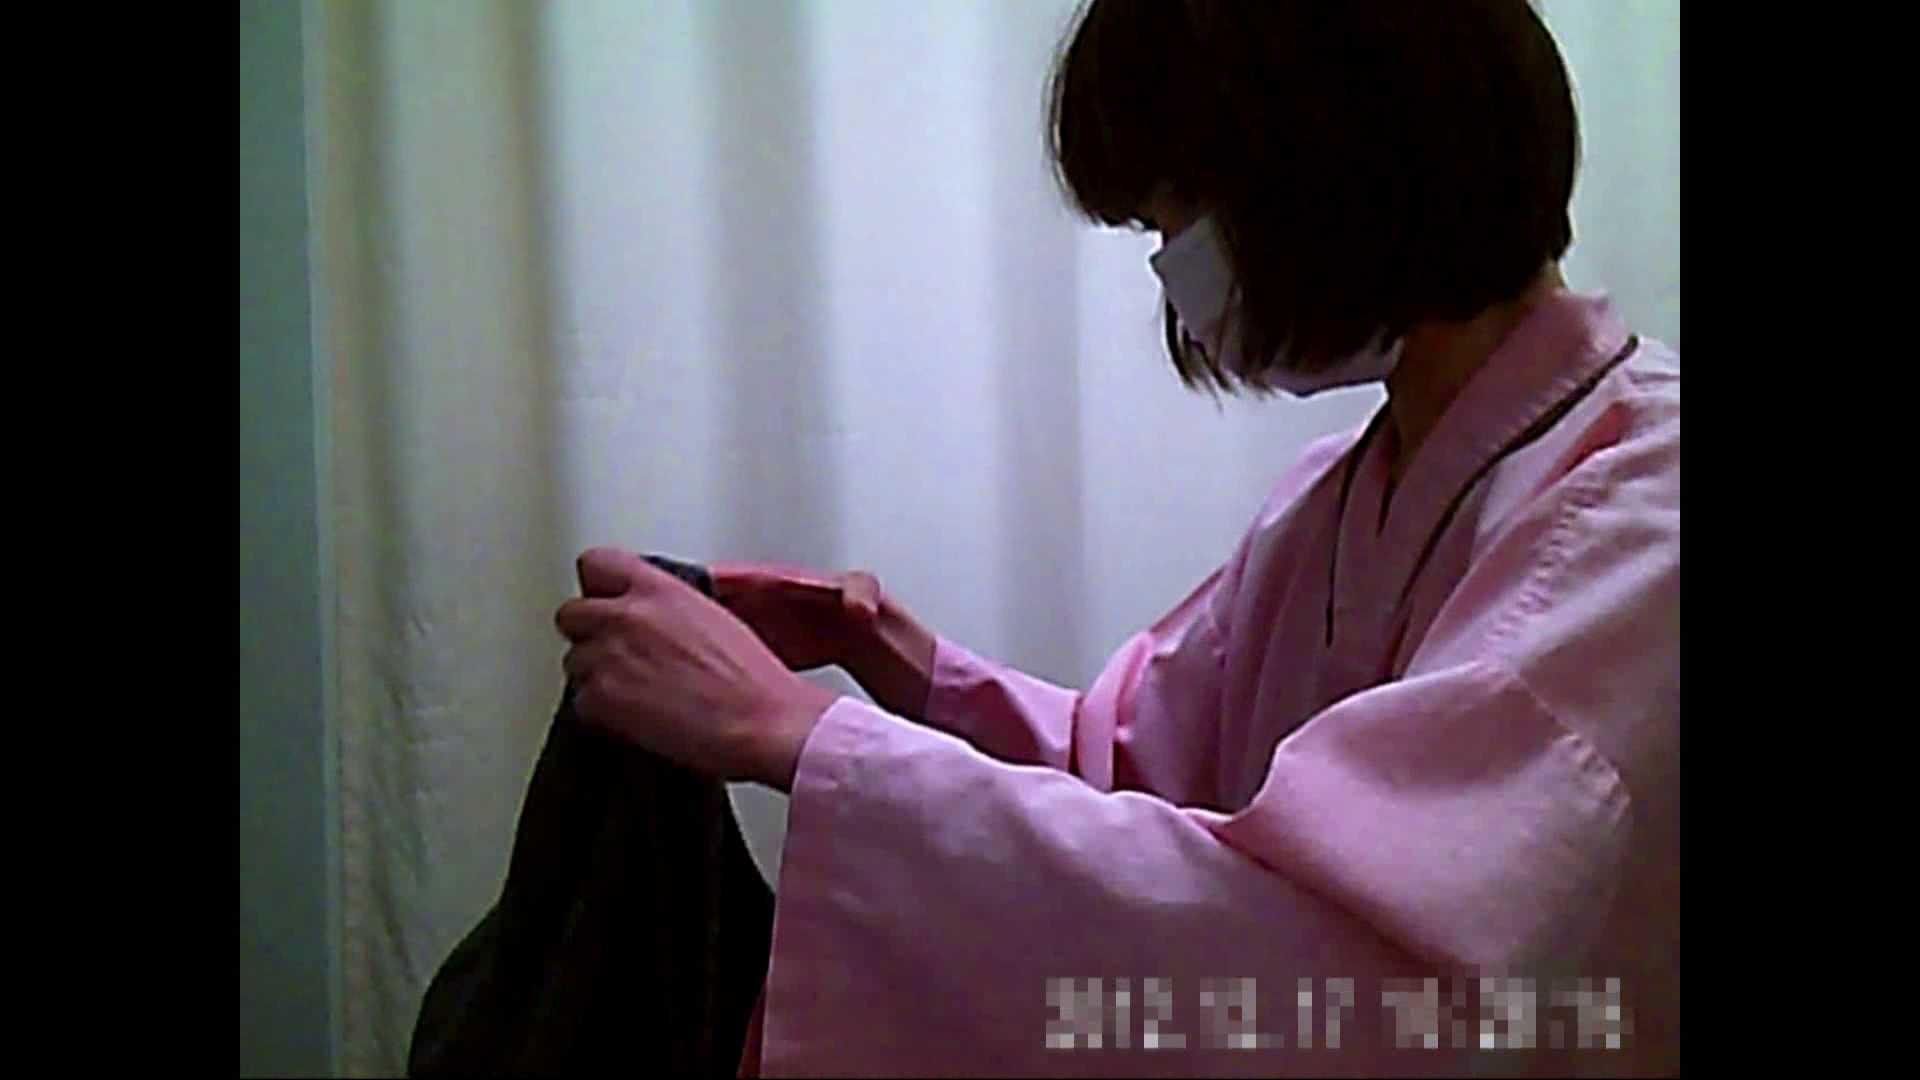 元医者による反抗 更衣室地獄絵巻 vol.117 色っぽいOL達  63pic 10